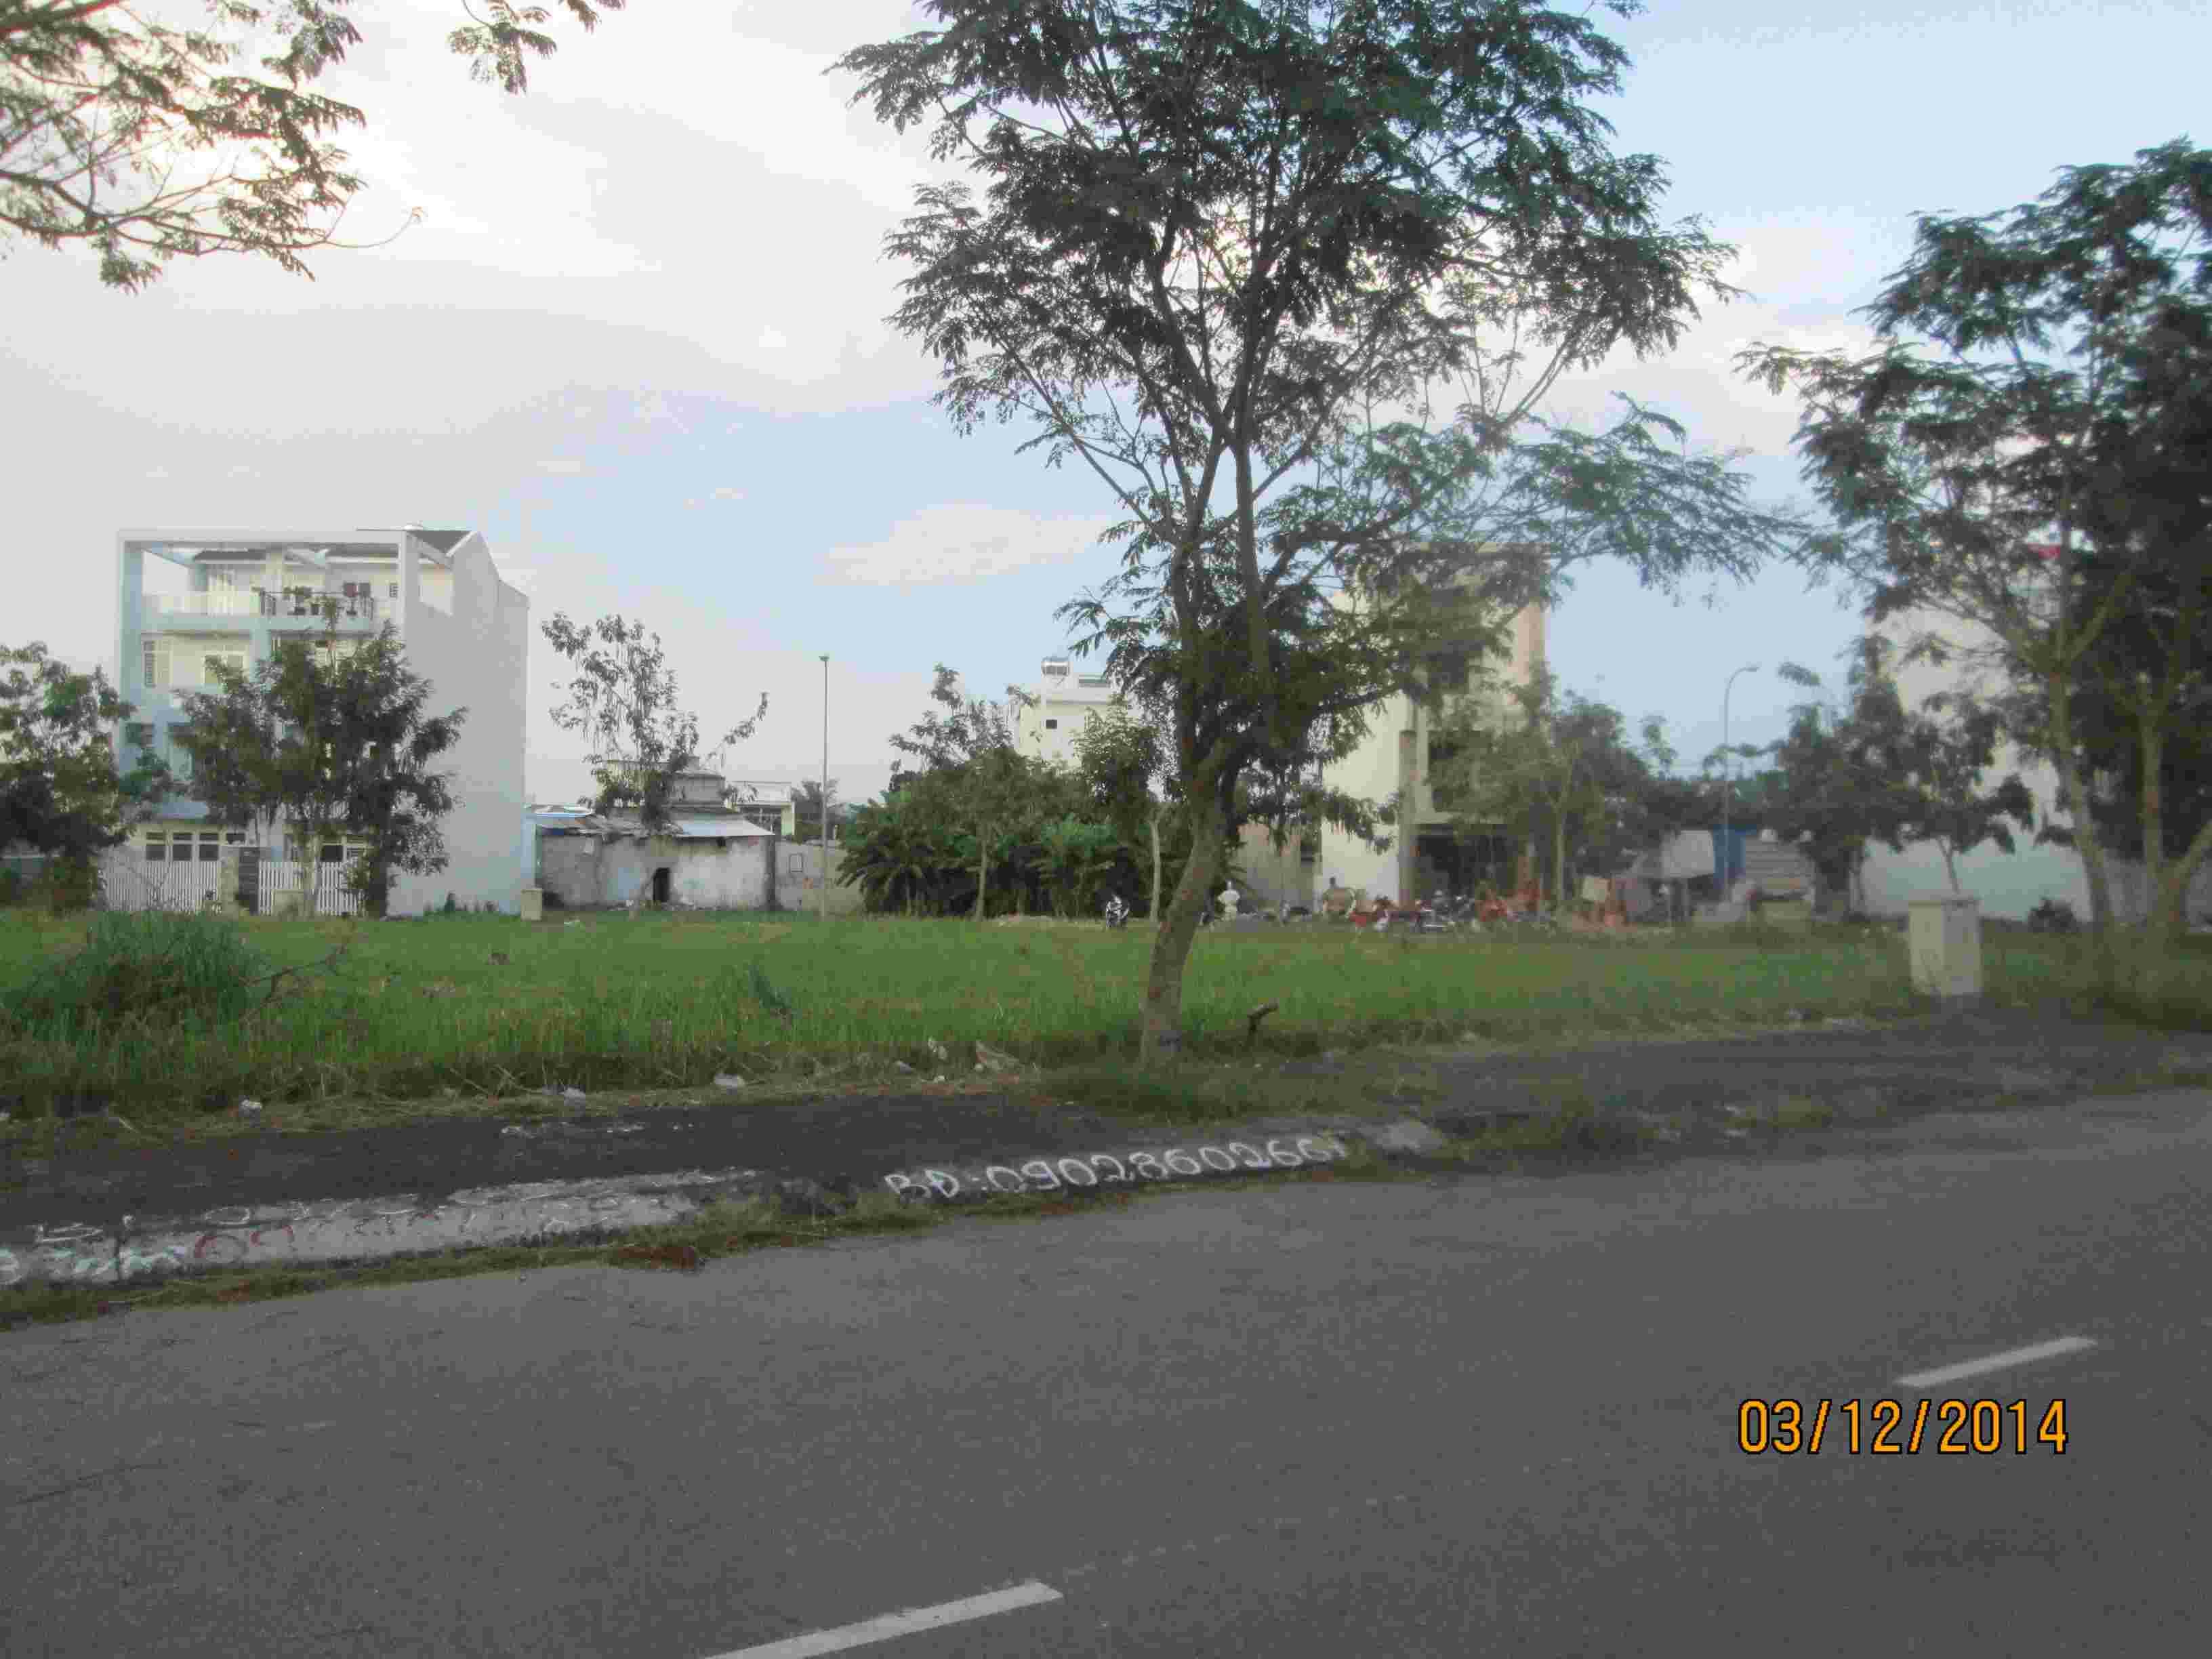 Bán đất nền biệt thự Sadeco Phước Kiển A, mặt tiền đường 16m, lô F6, 200m2, giá 75 triệu/m2. LH:0913.050.053